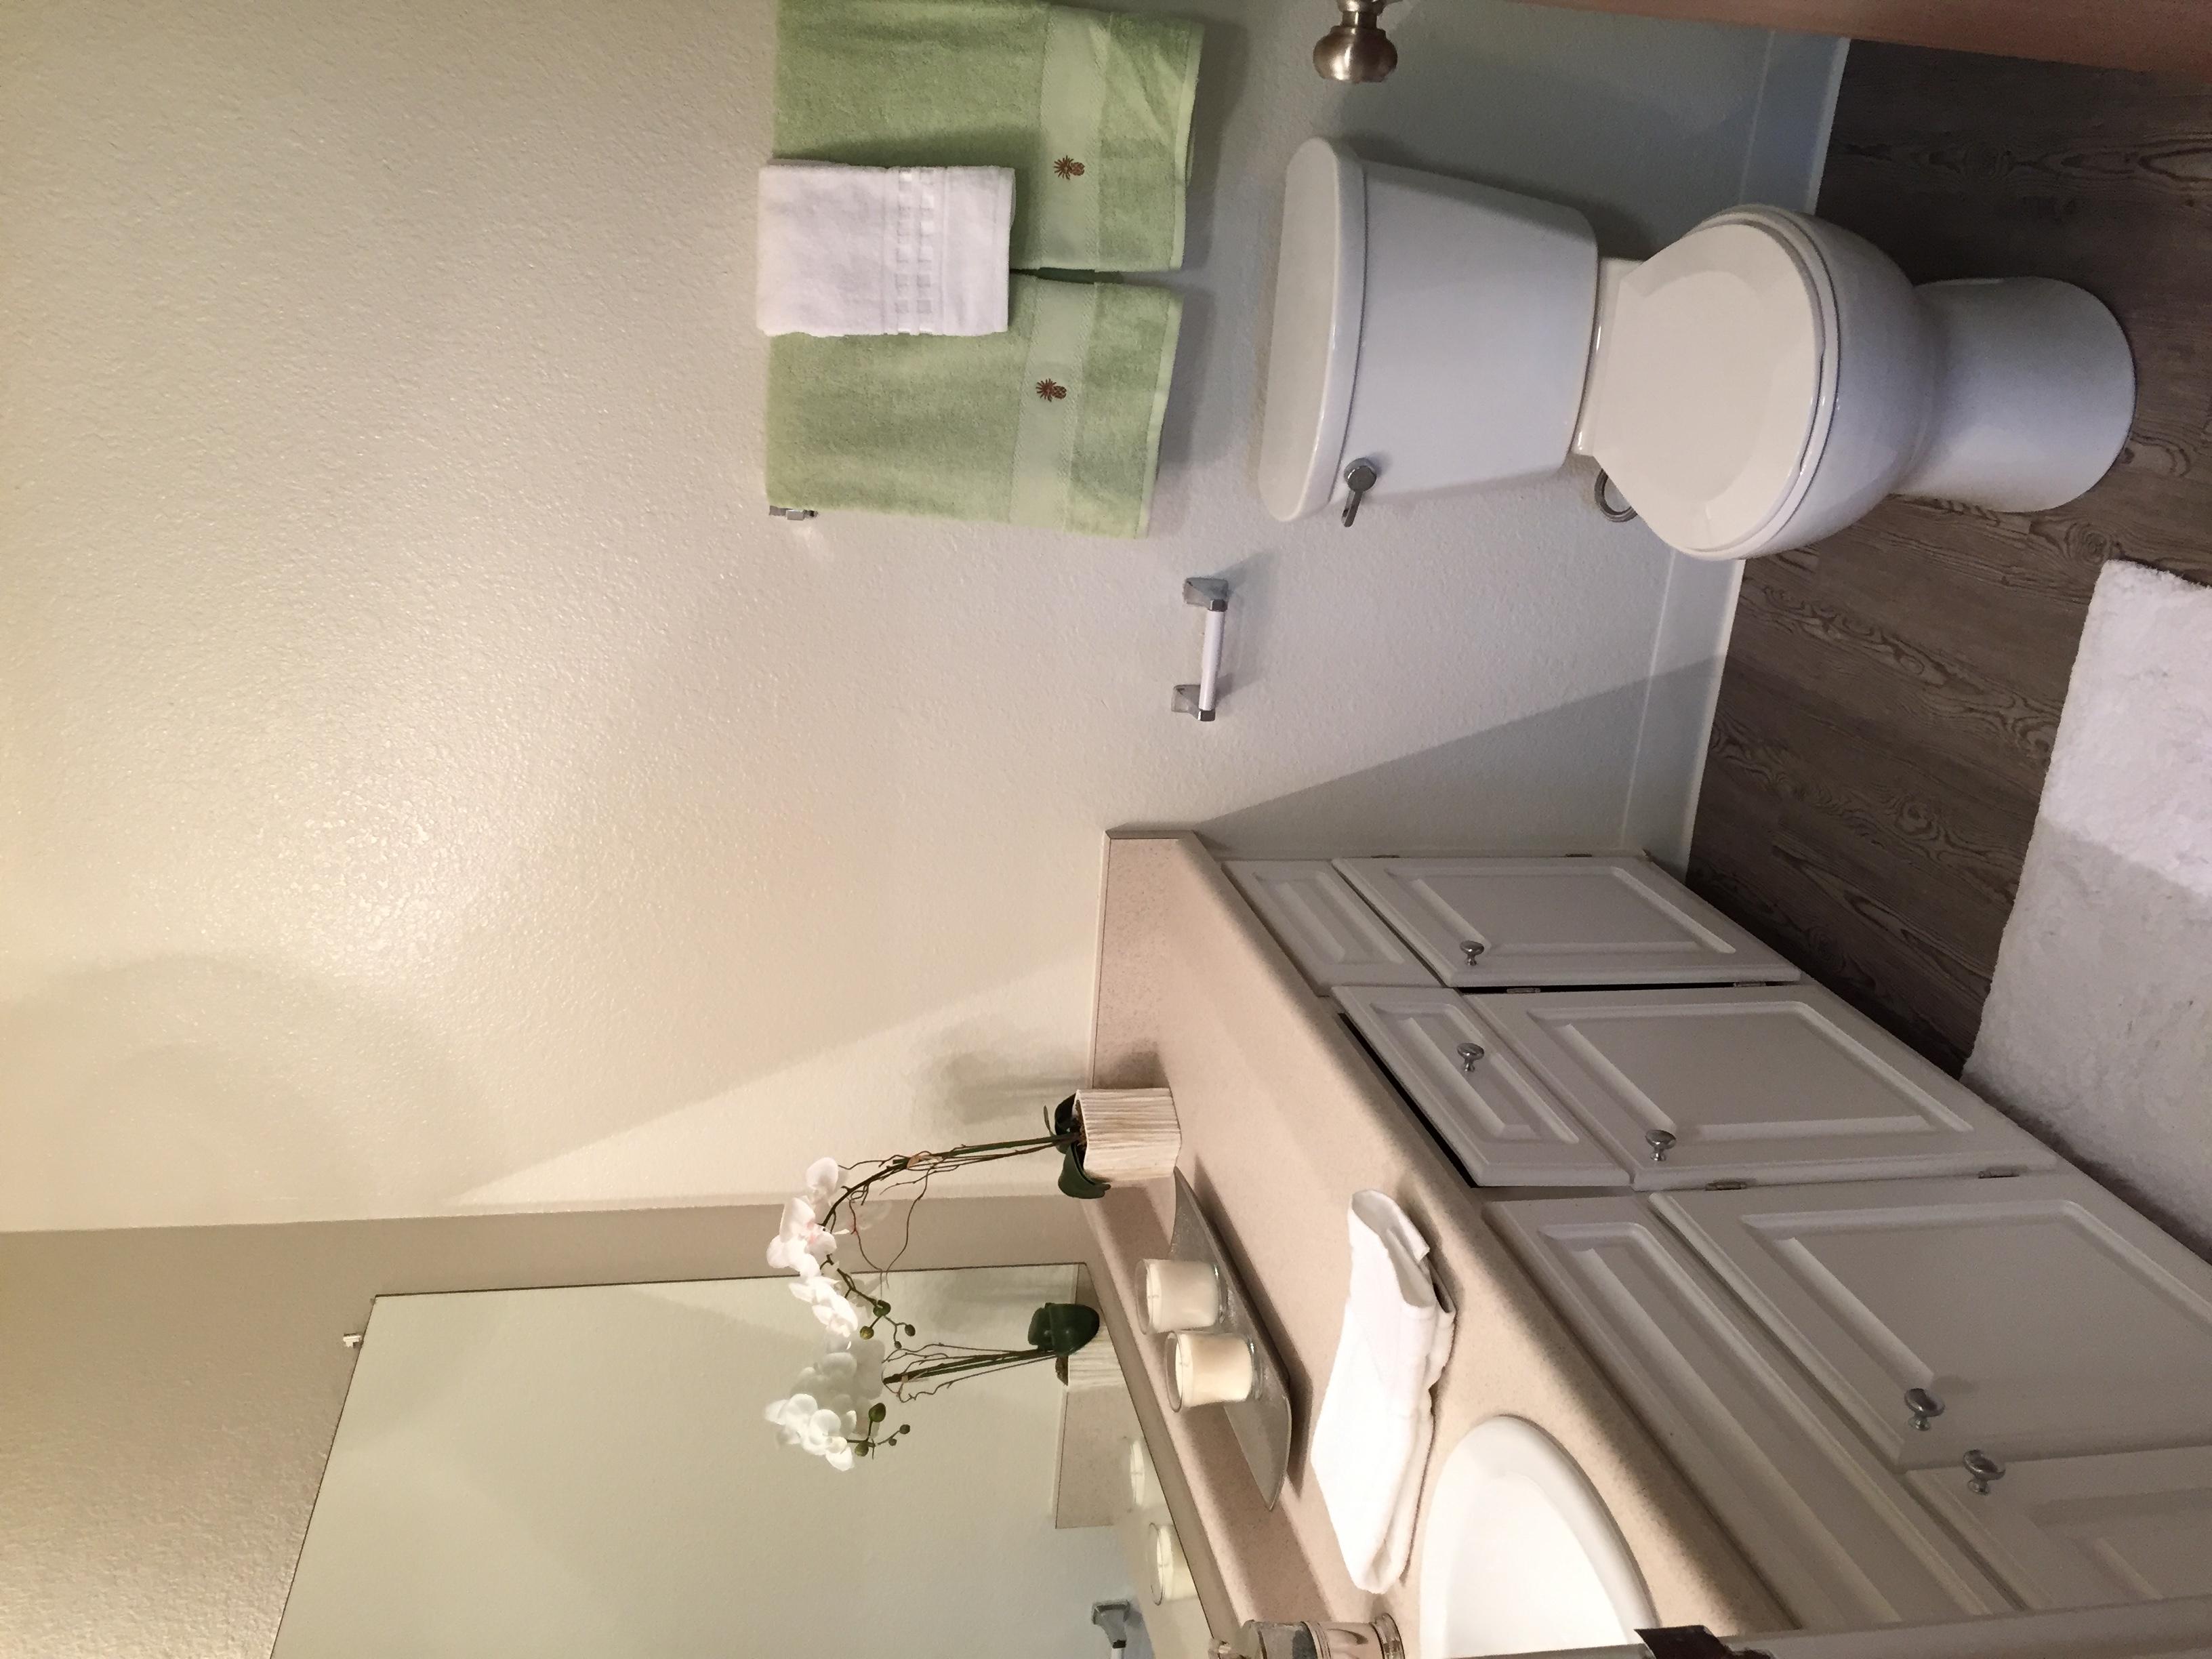 Camino Creek Bathroom